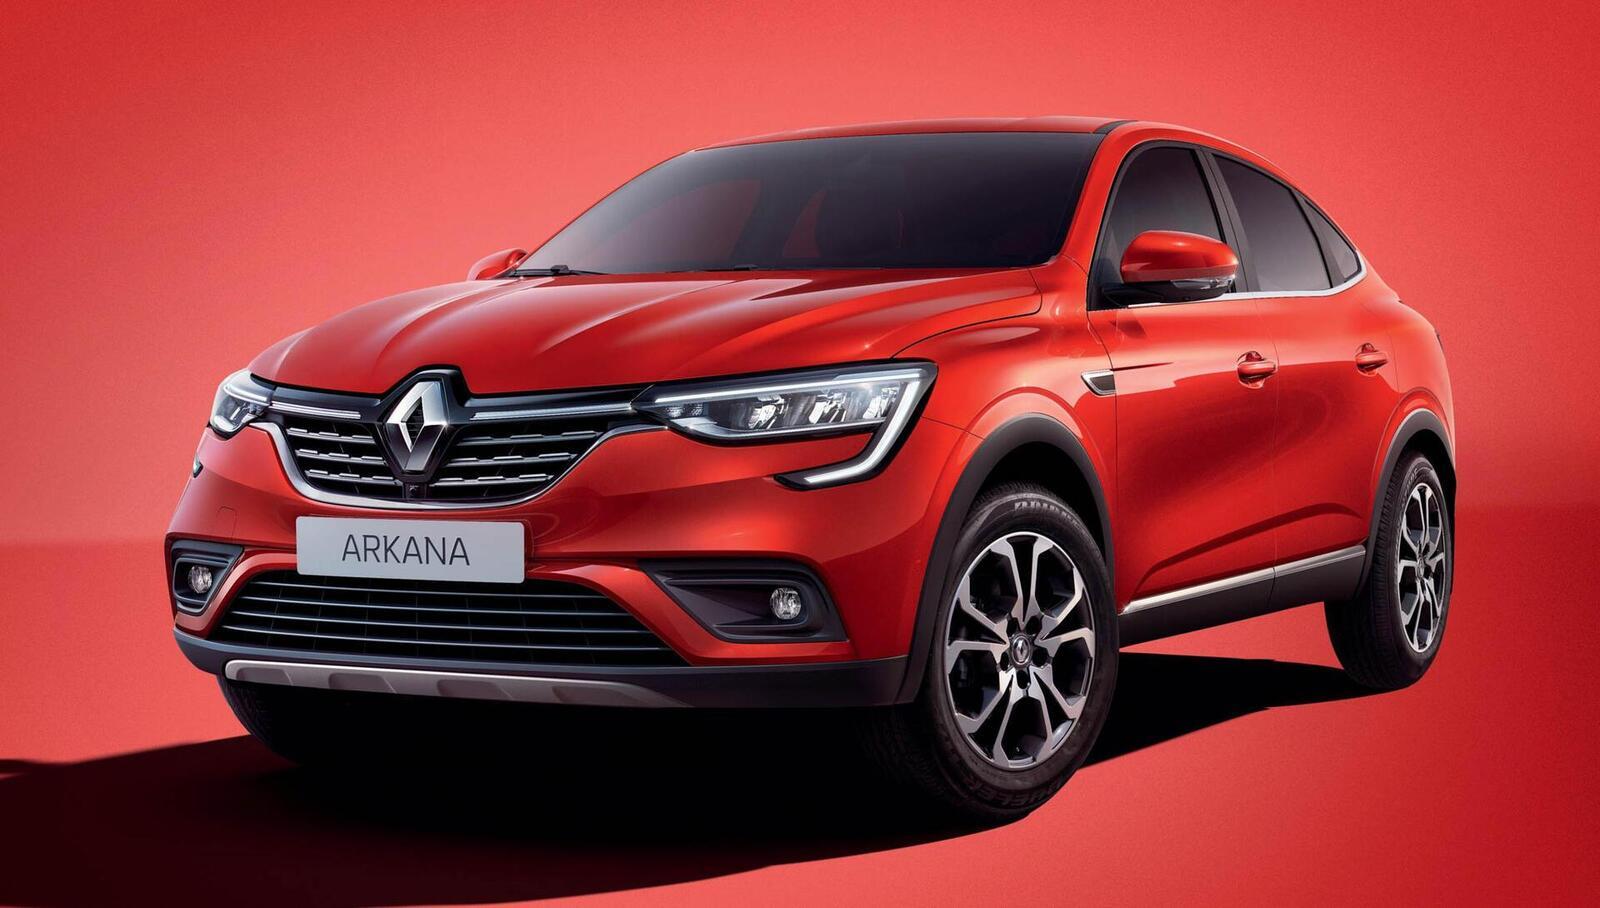 Renault giới thiệu Arkana mới: SUV Coupe mang thiết kế tương tự BMW X6 - Hình 17